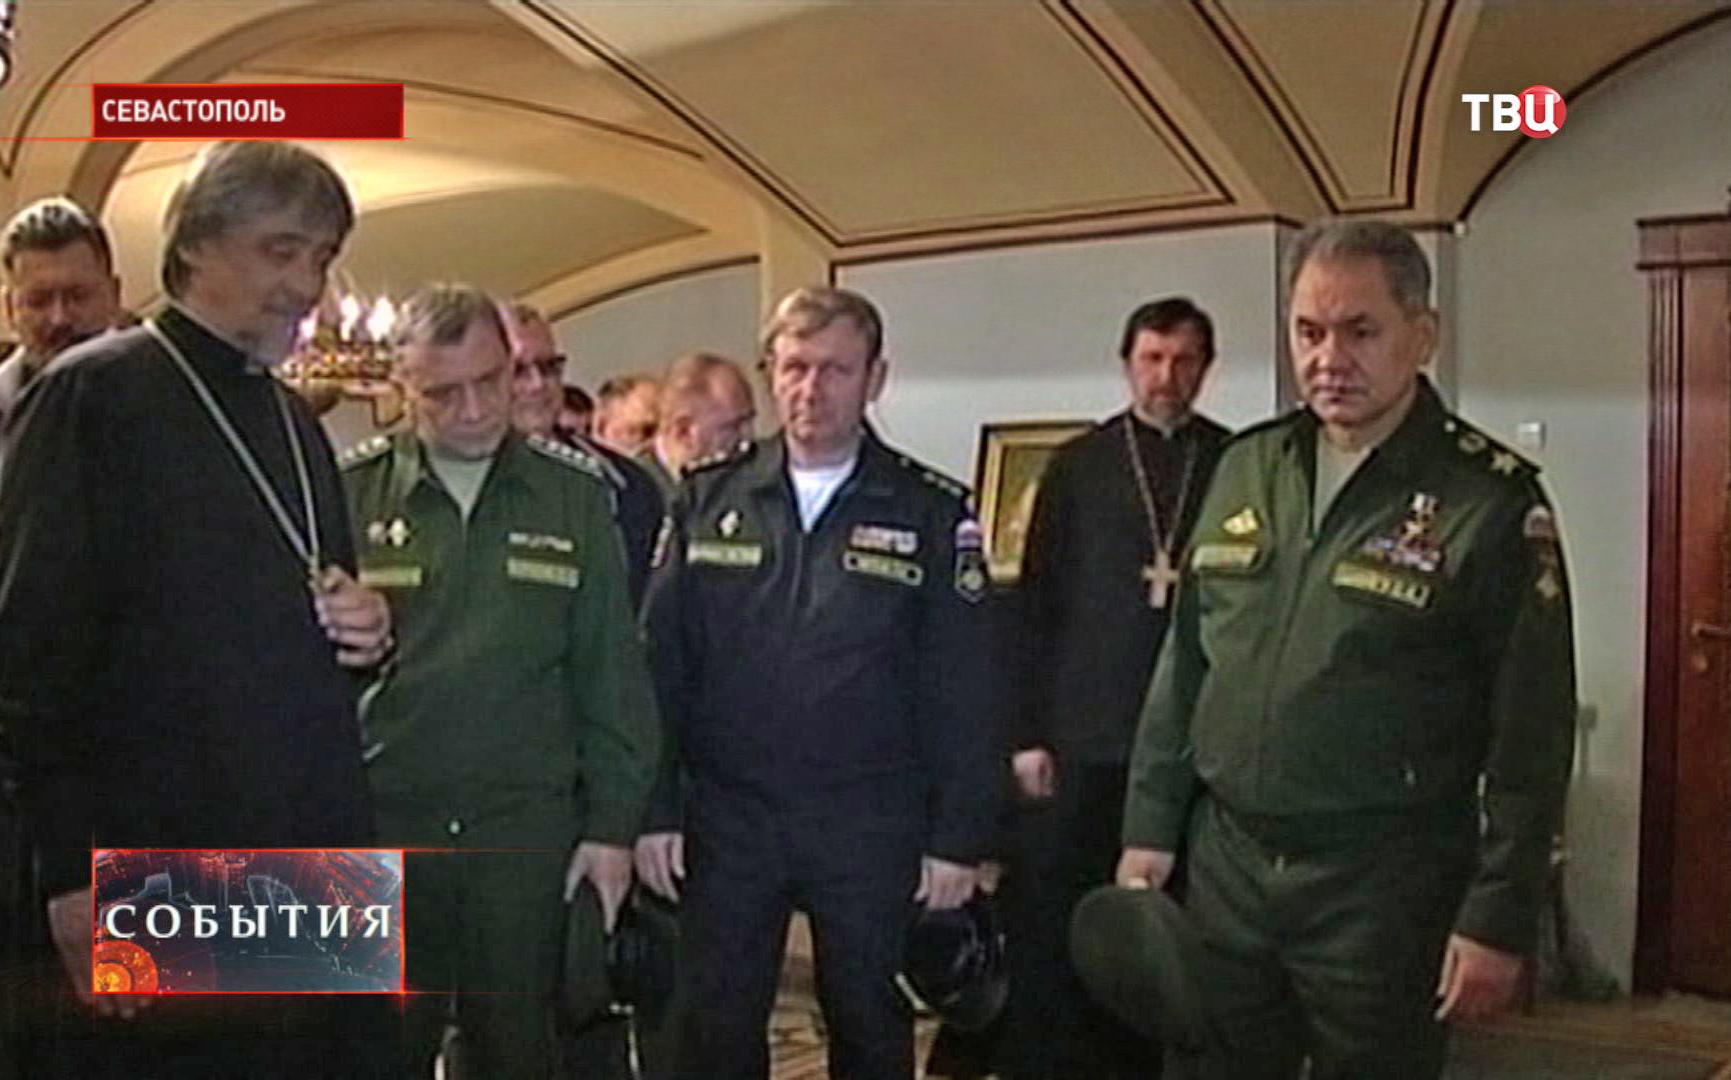 Сергей Шойгу посещает усыпальницу русских адмиралов в Севастополе